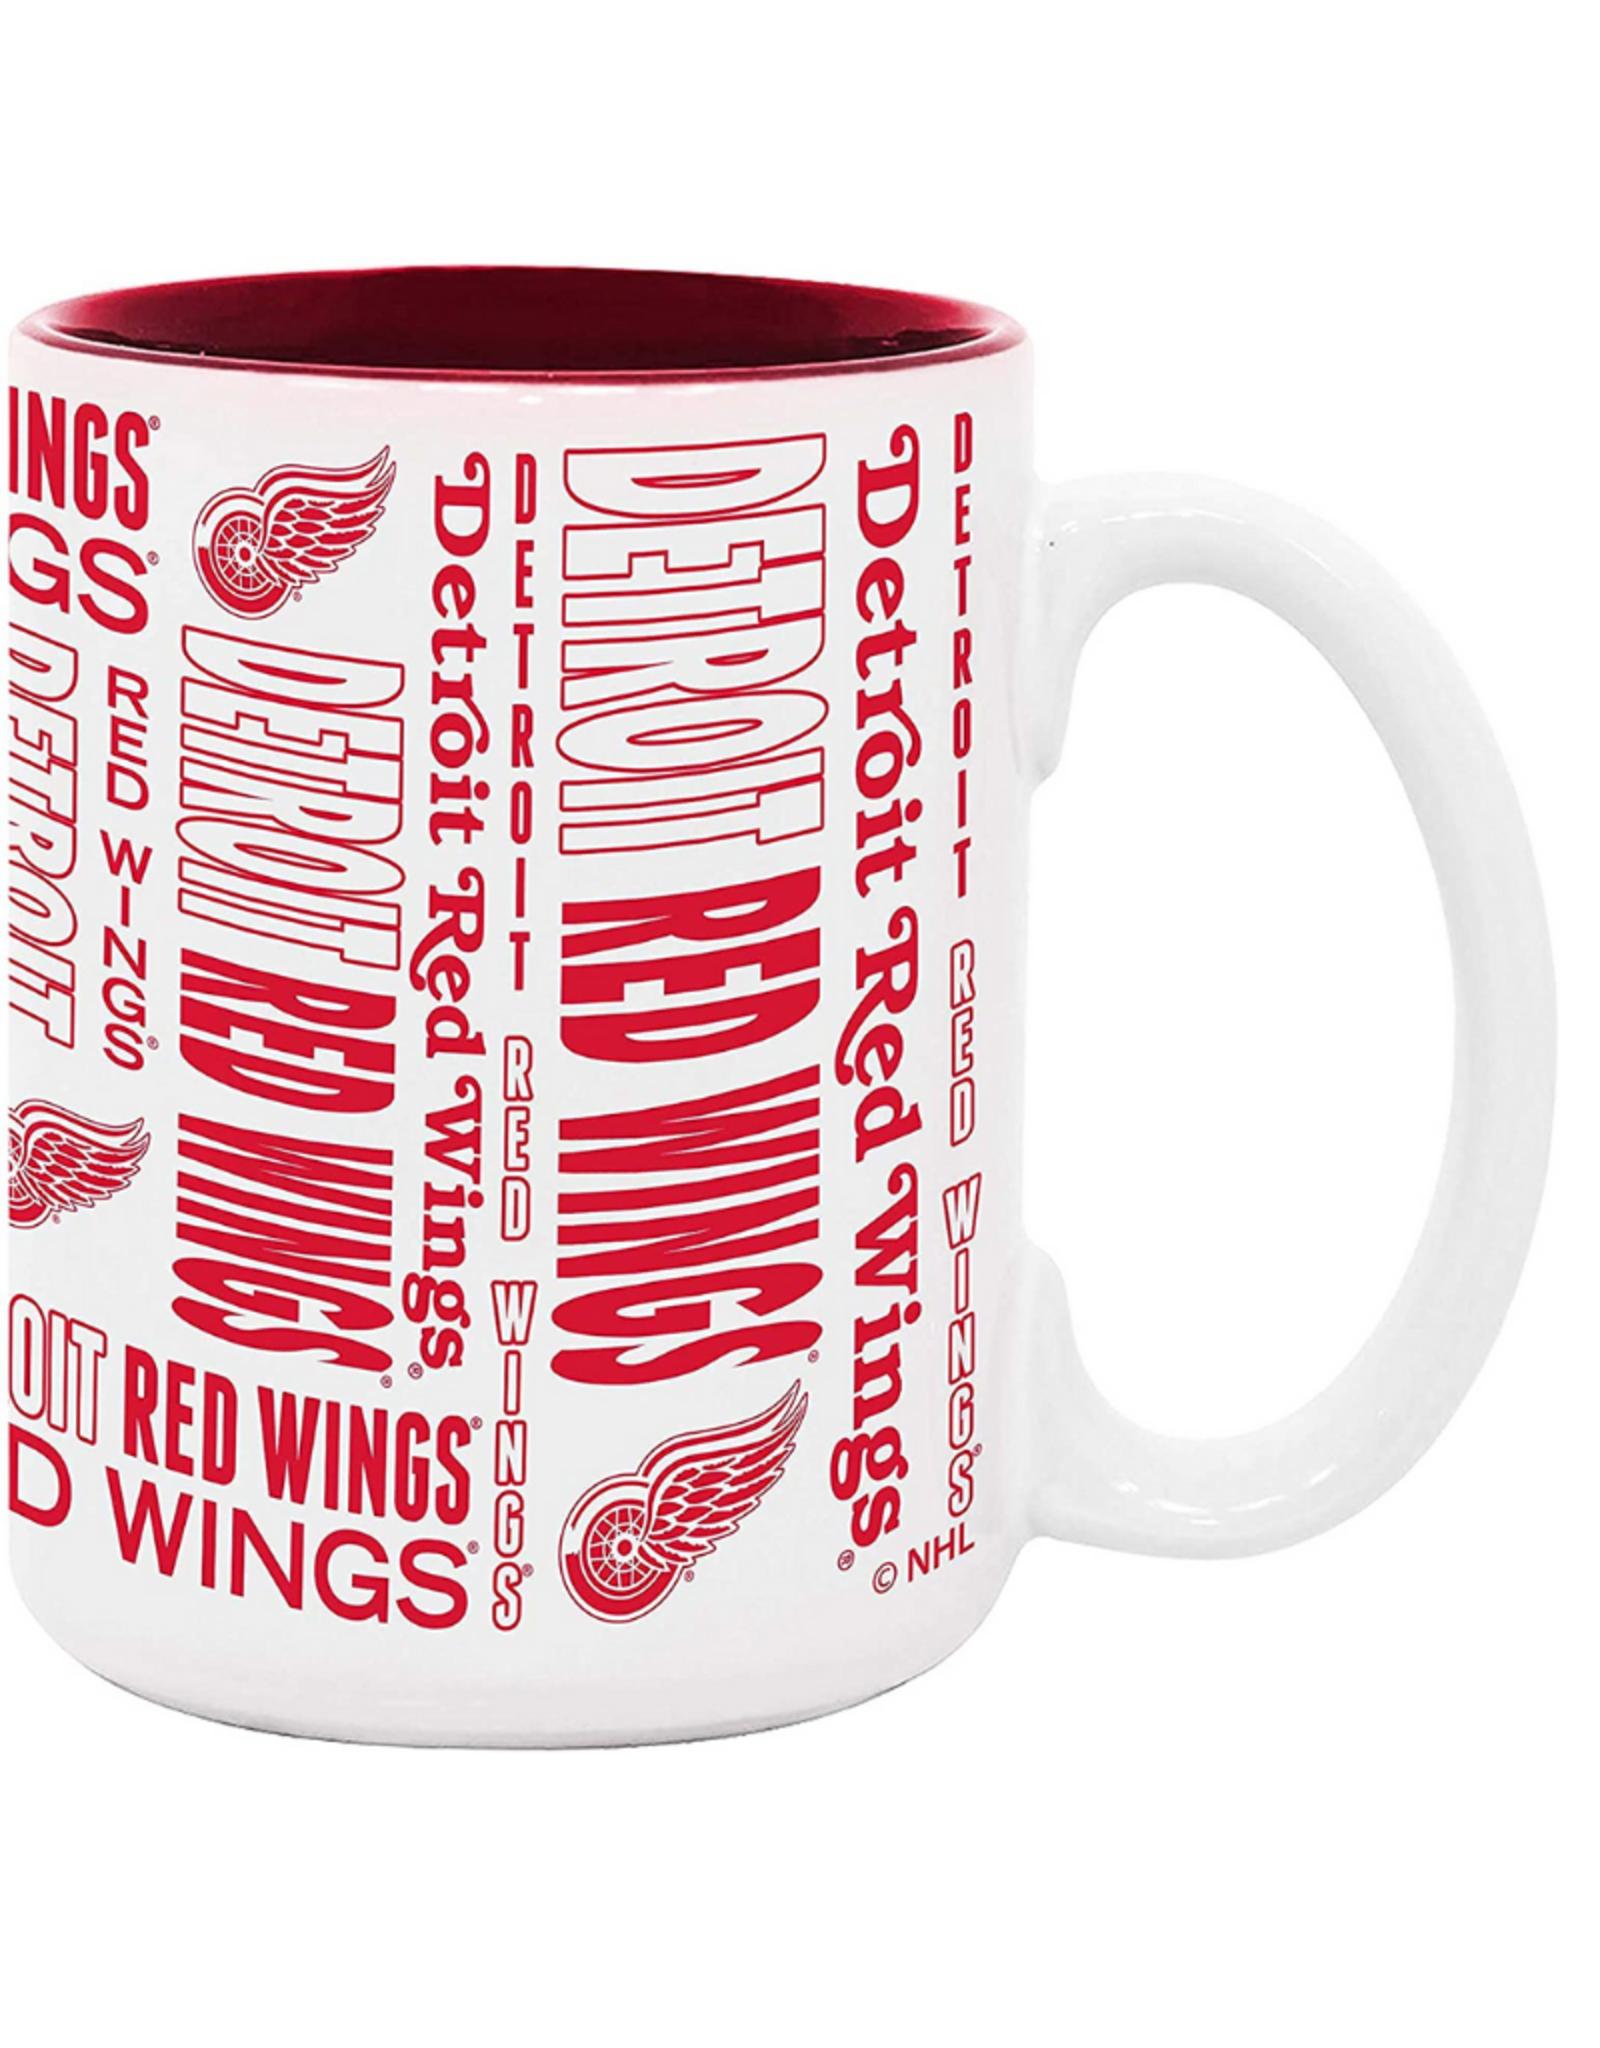 NHL 15oz Espirit Coffee Mug Detroit Red Wings